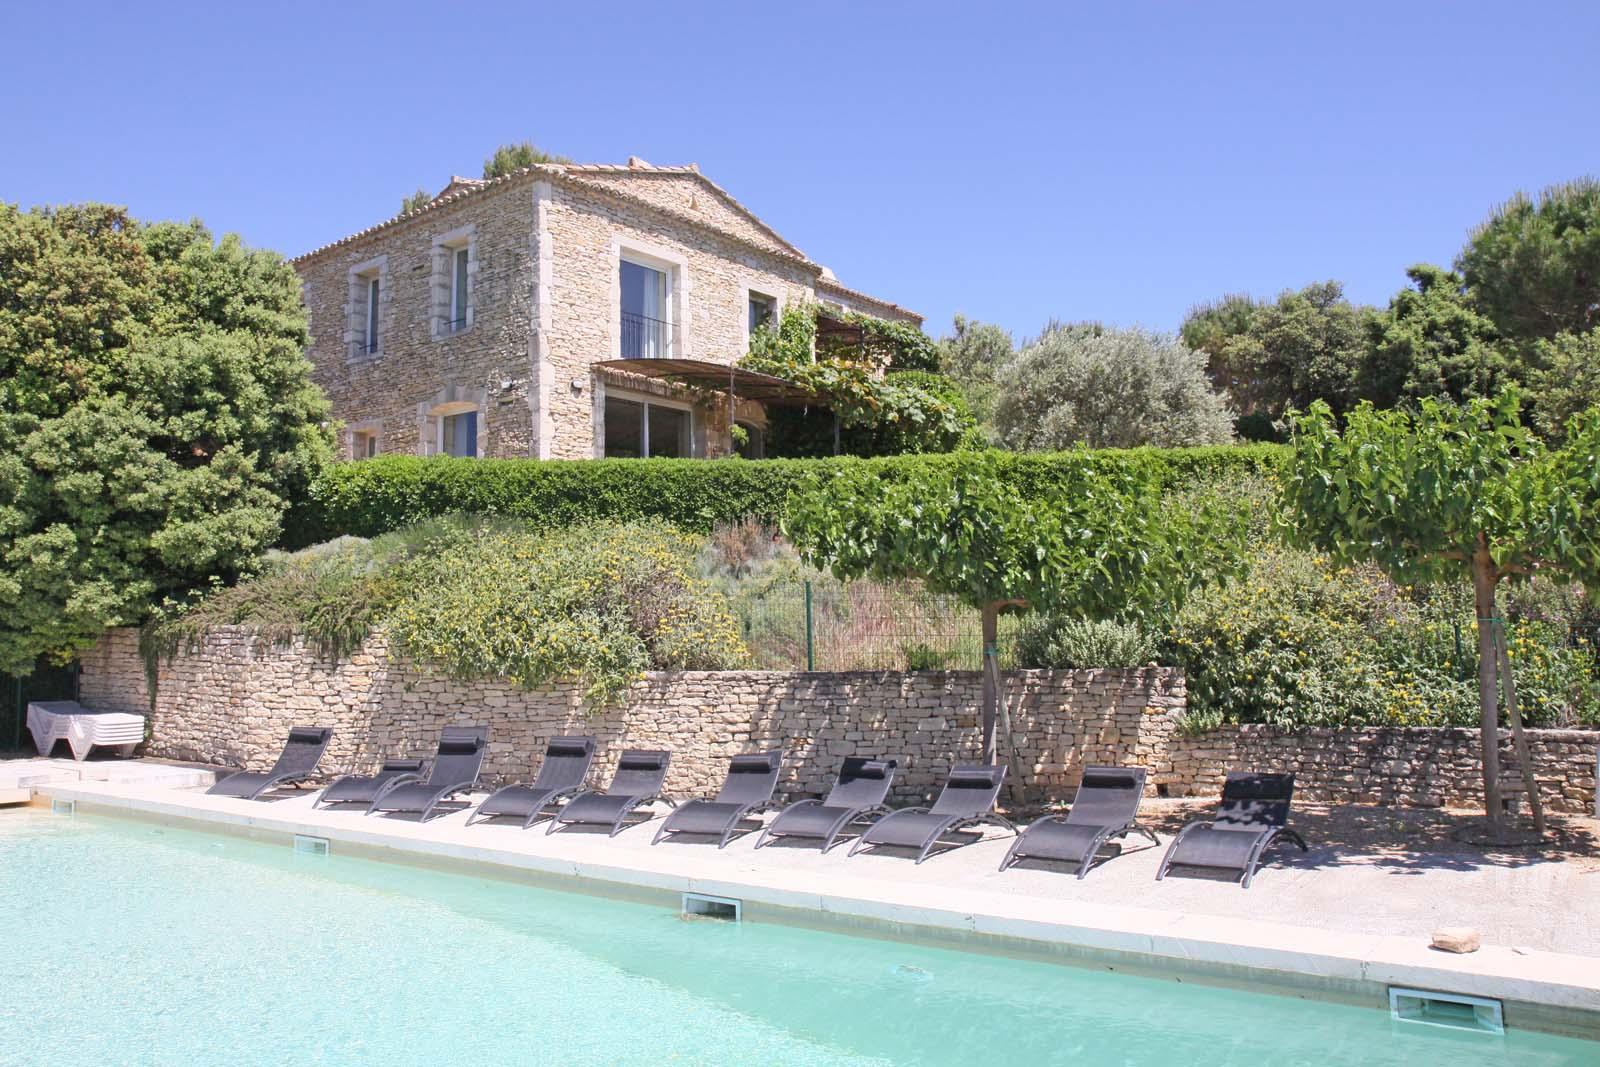 Maison avec piscine à vendre en Provence